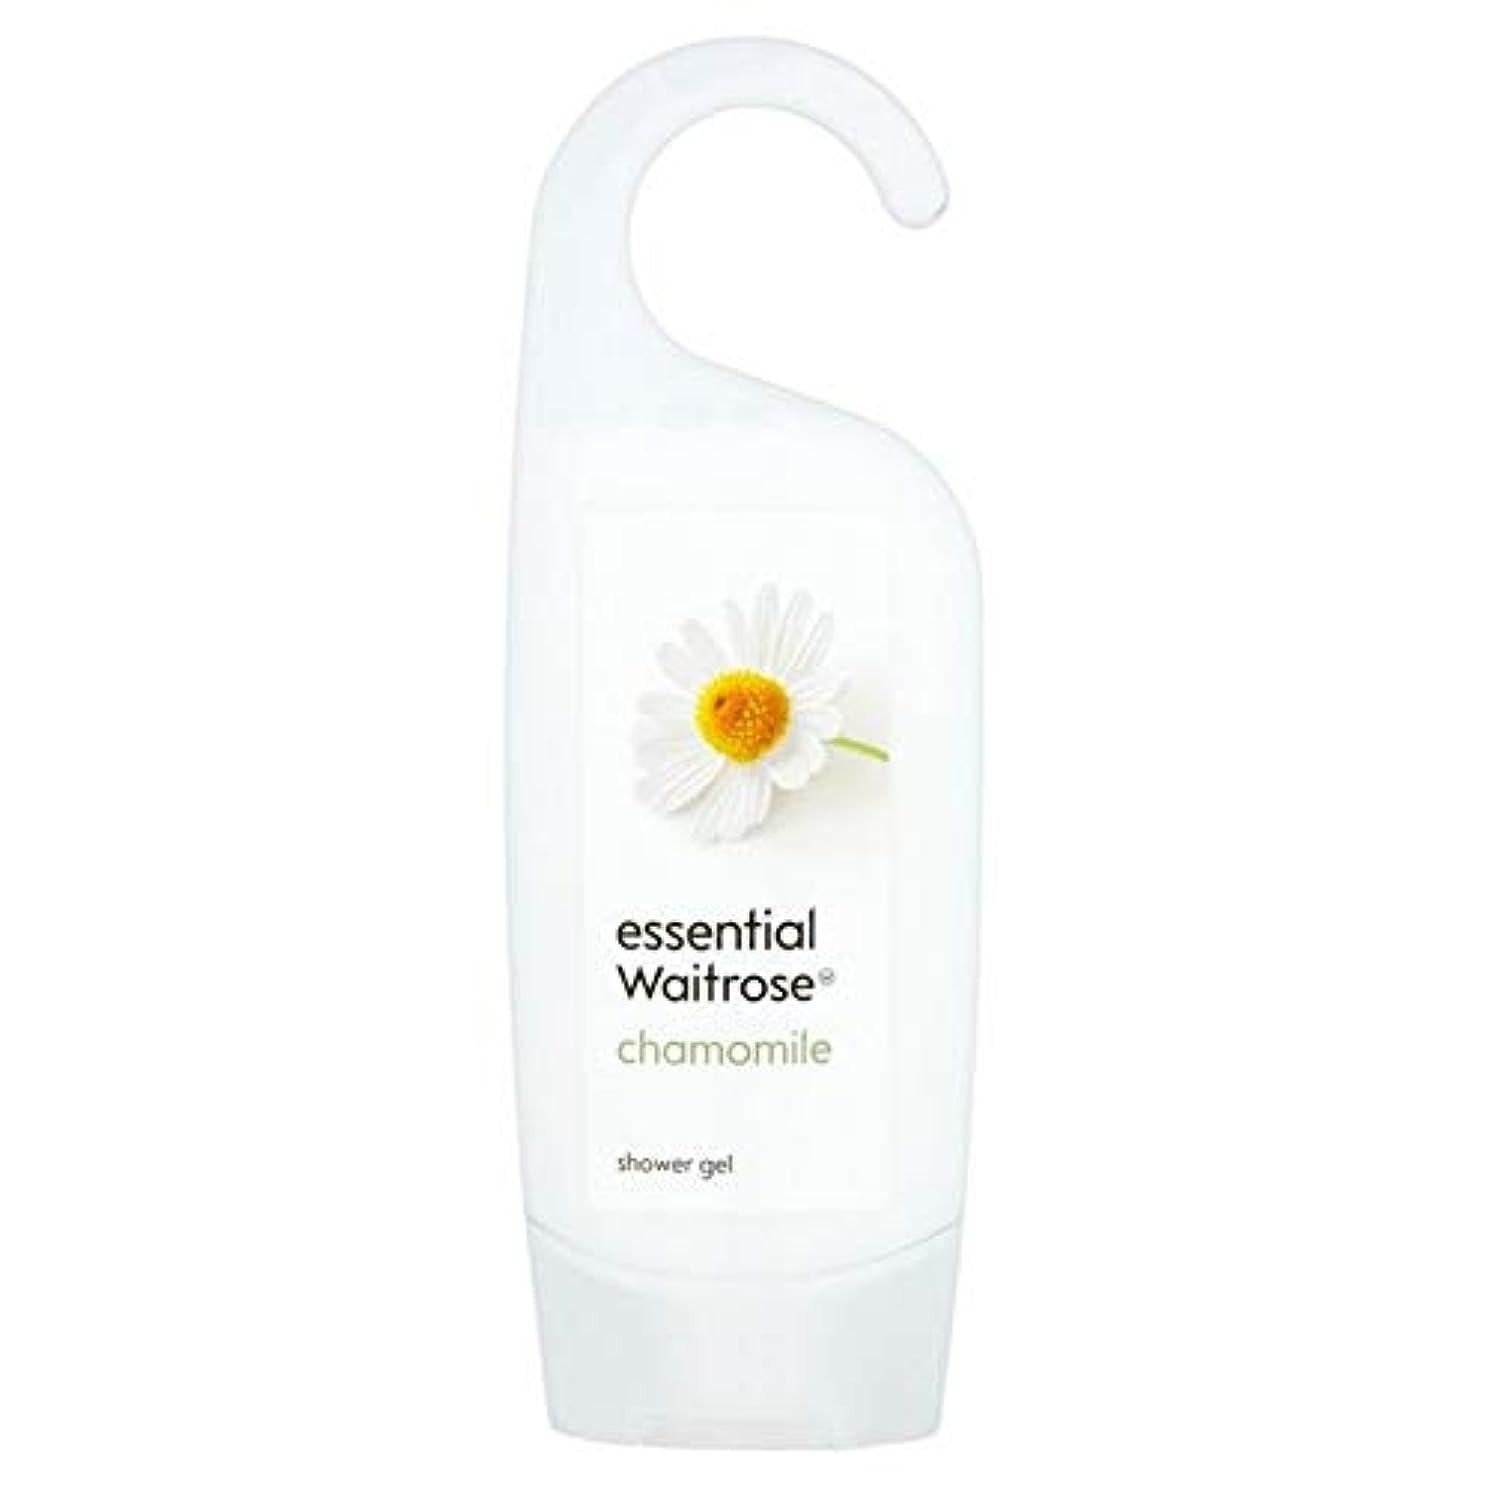 ほとんどない細菌定刻[Waitrose ] 基本的なウェイトローズカモミールシャワージェル250ミリリットル - Essential Waitrose Chamomile Shower Gel 250ml [並行輸入品]